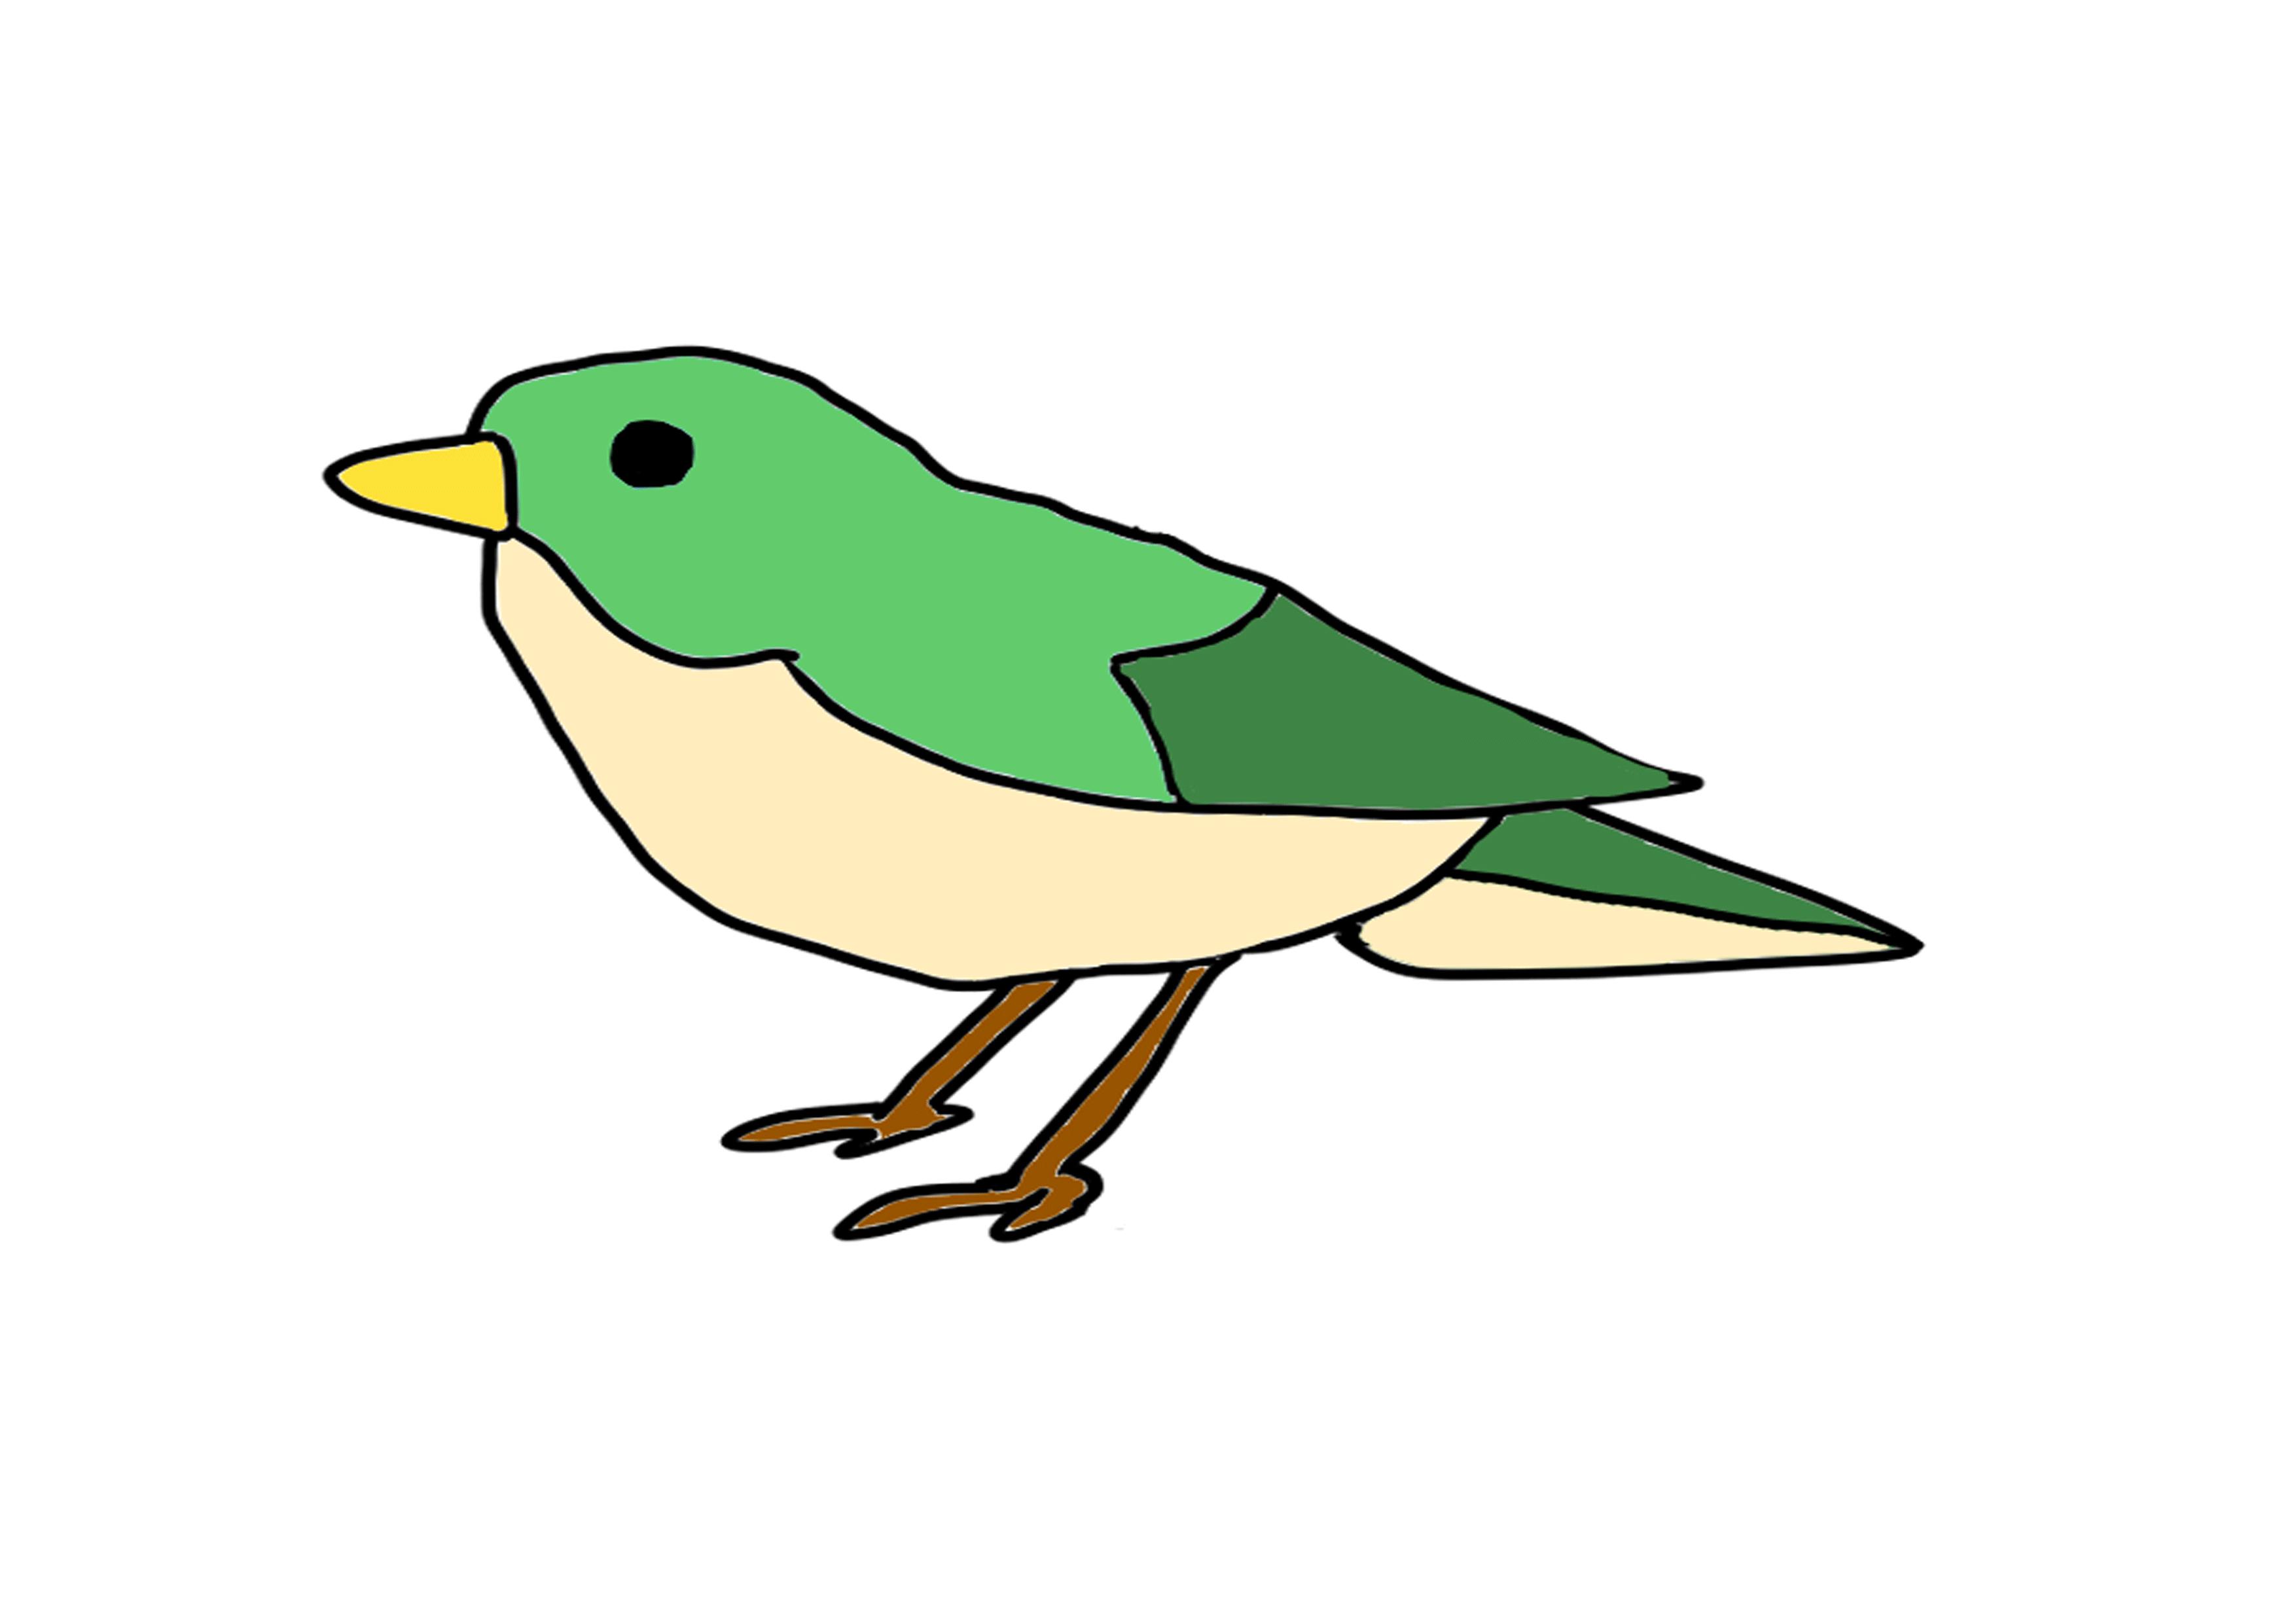 27課イラスト【鳥】